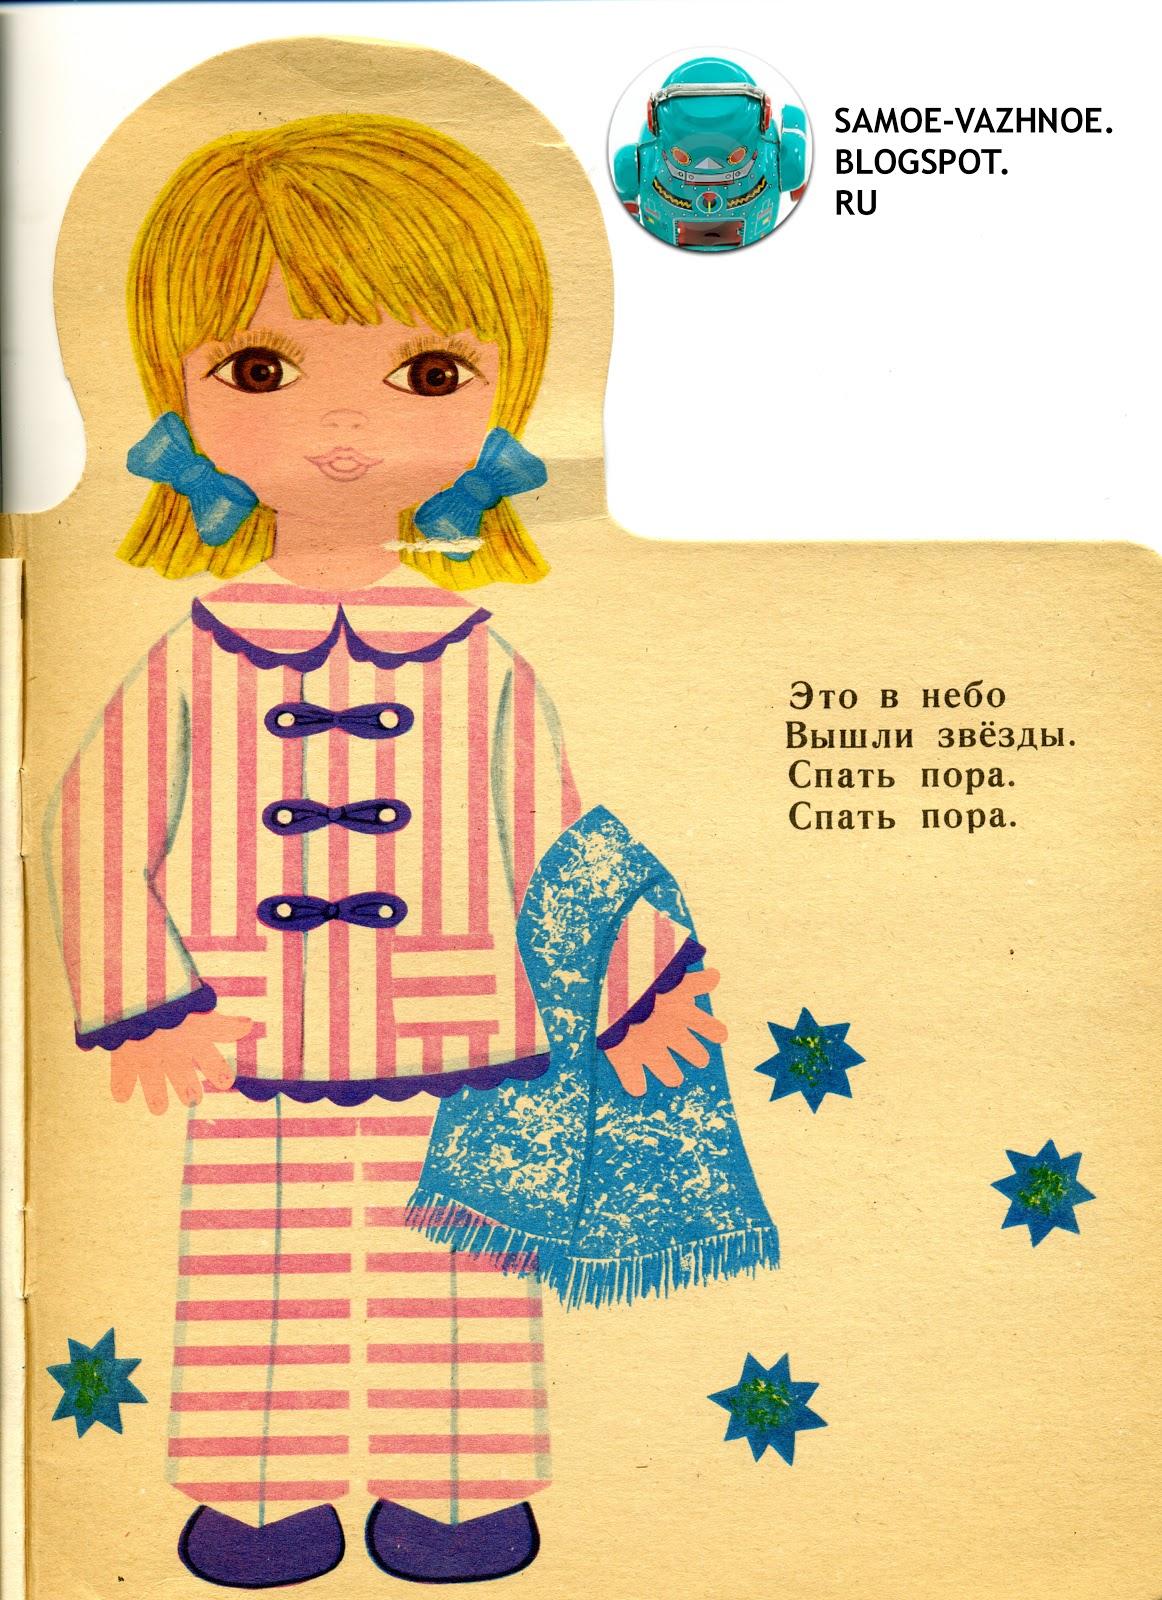 Книжка-кукла нашего детства. Кукла платья-книга СССР